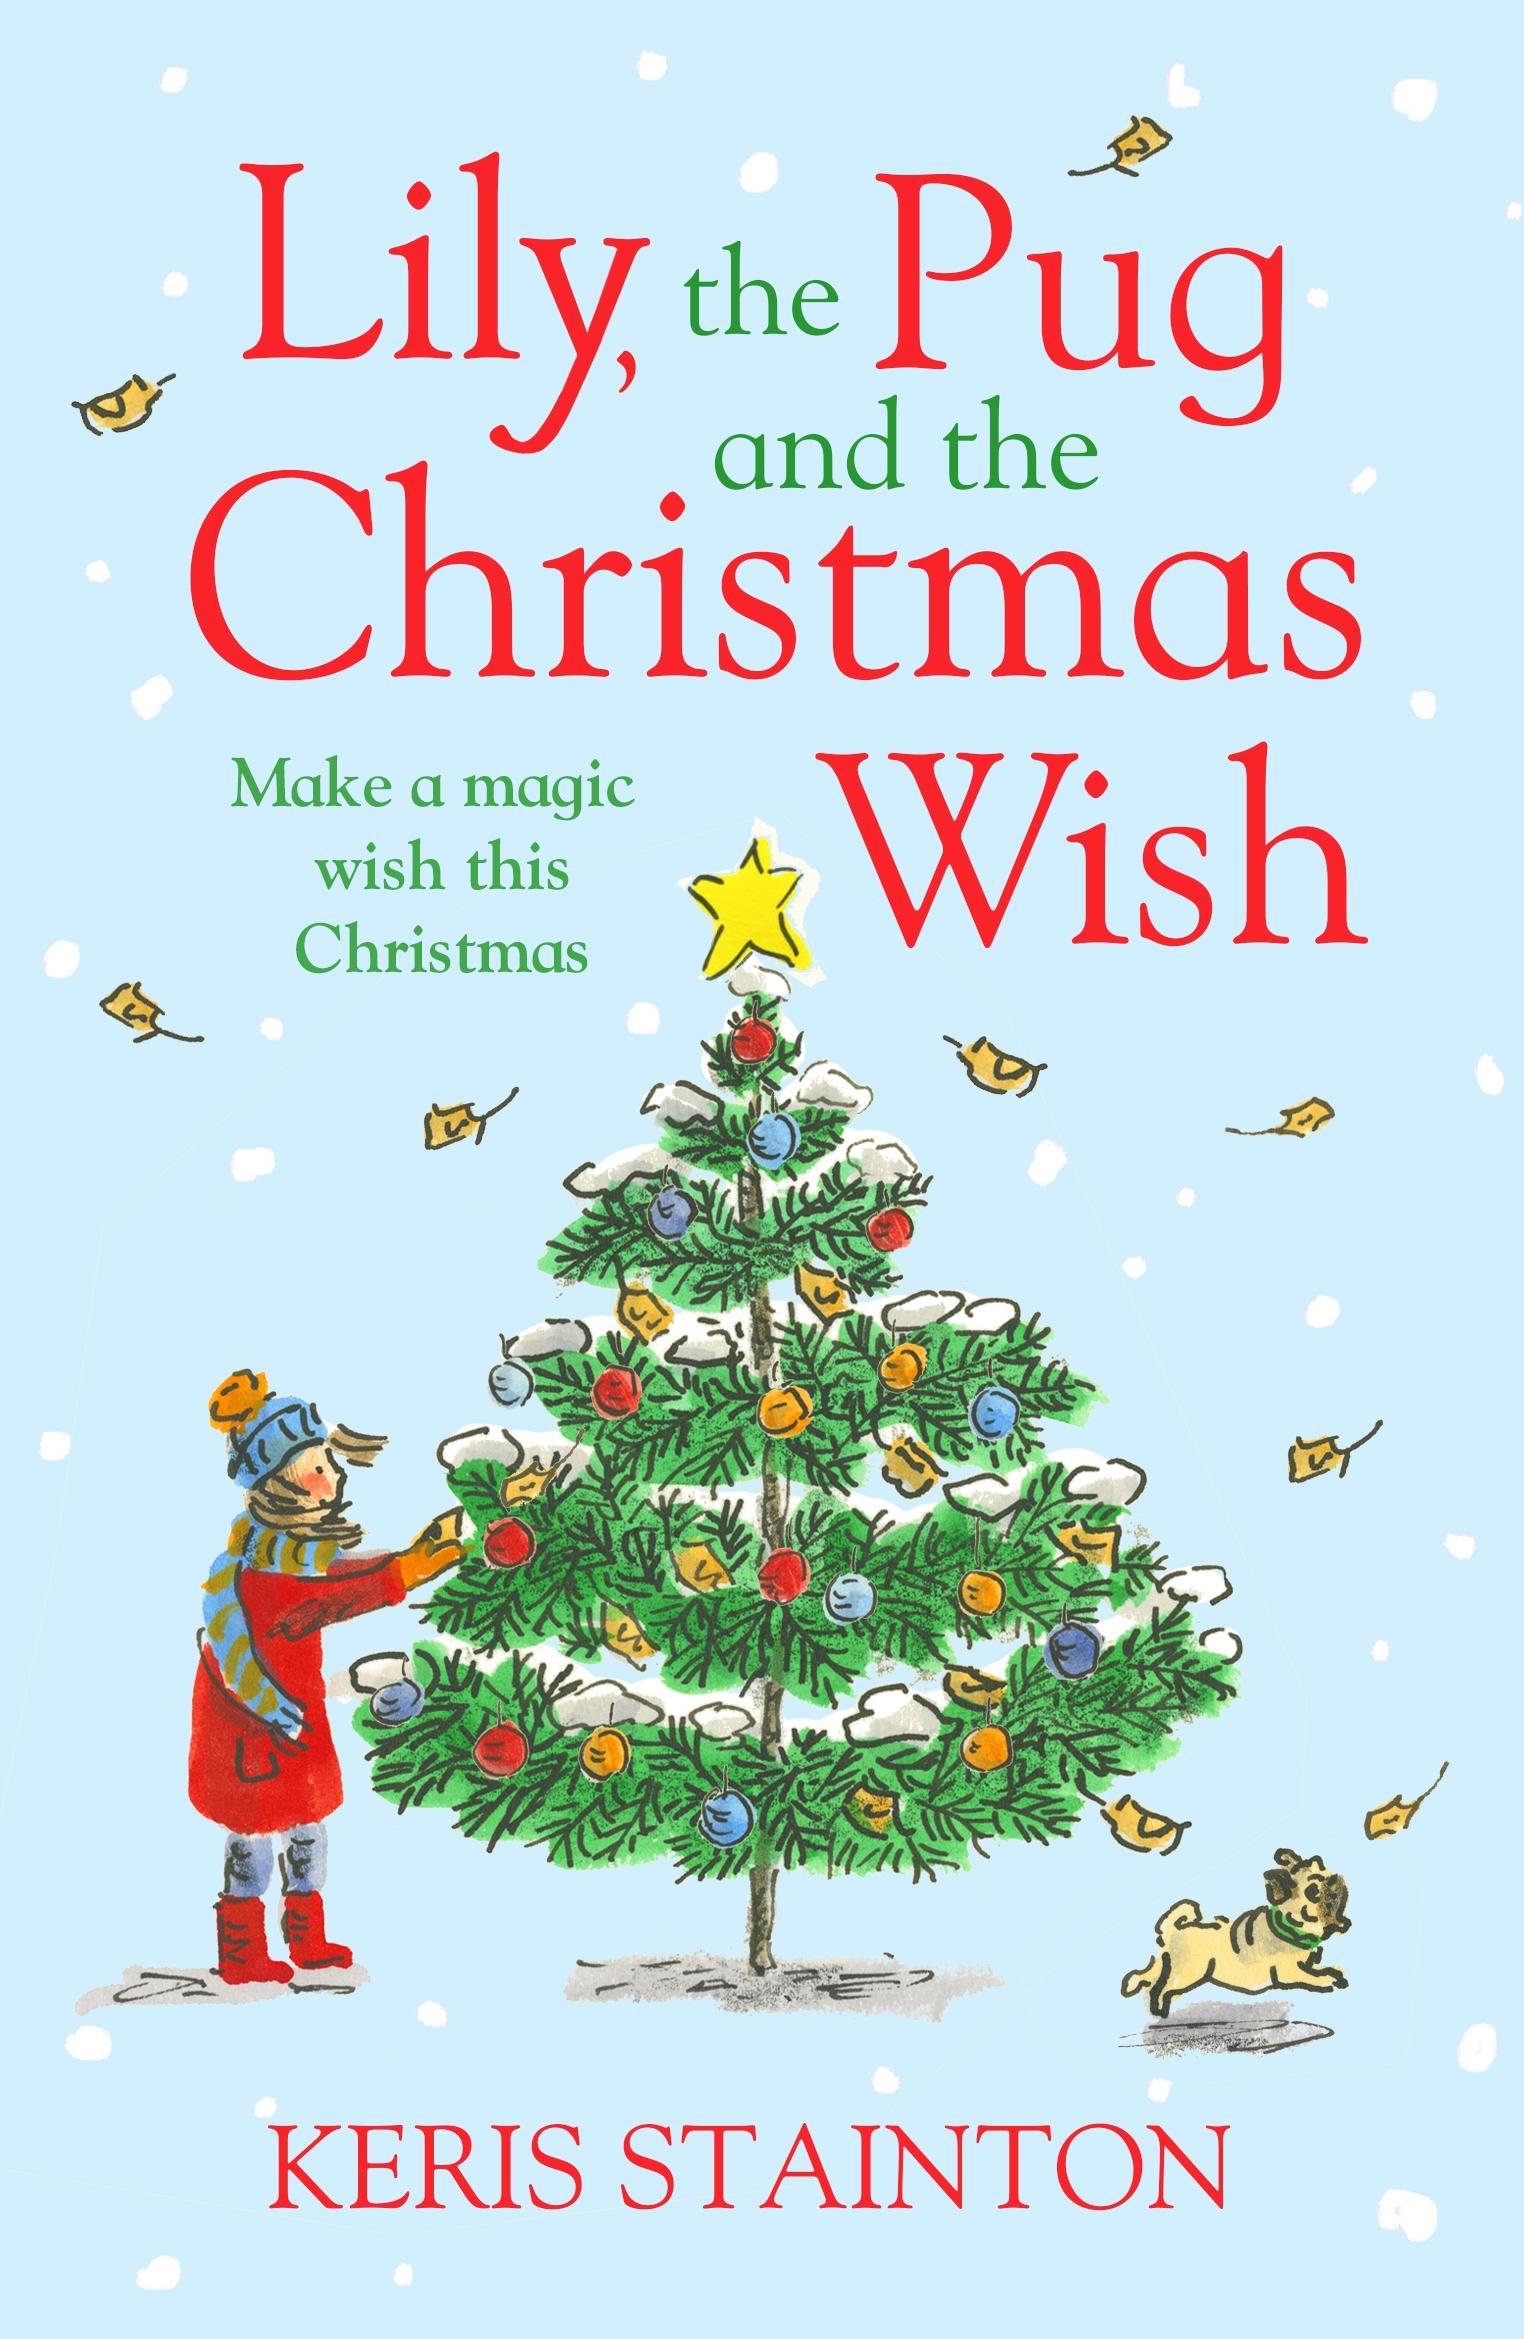 lily the pug and the christmas wish - The Christmas Wish